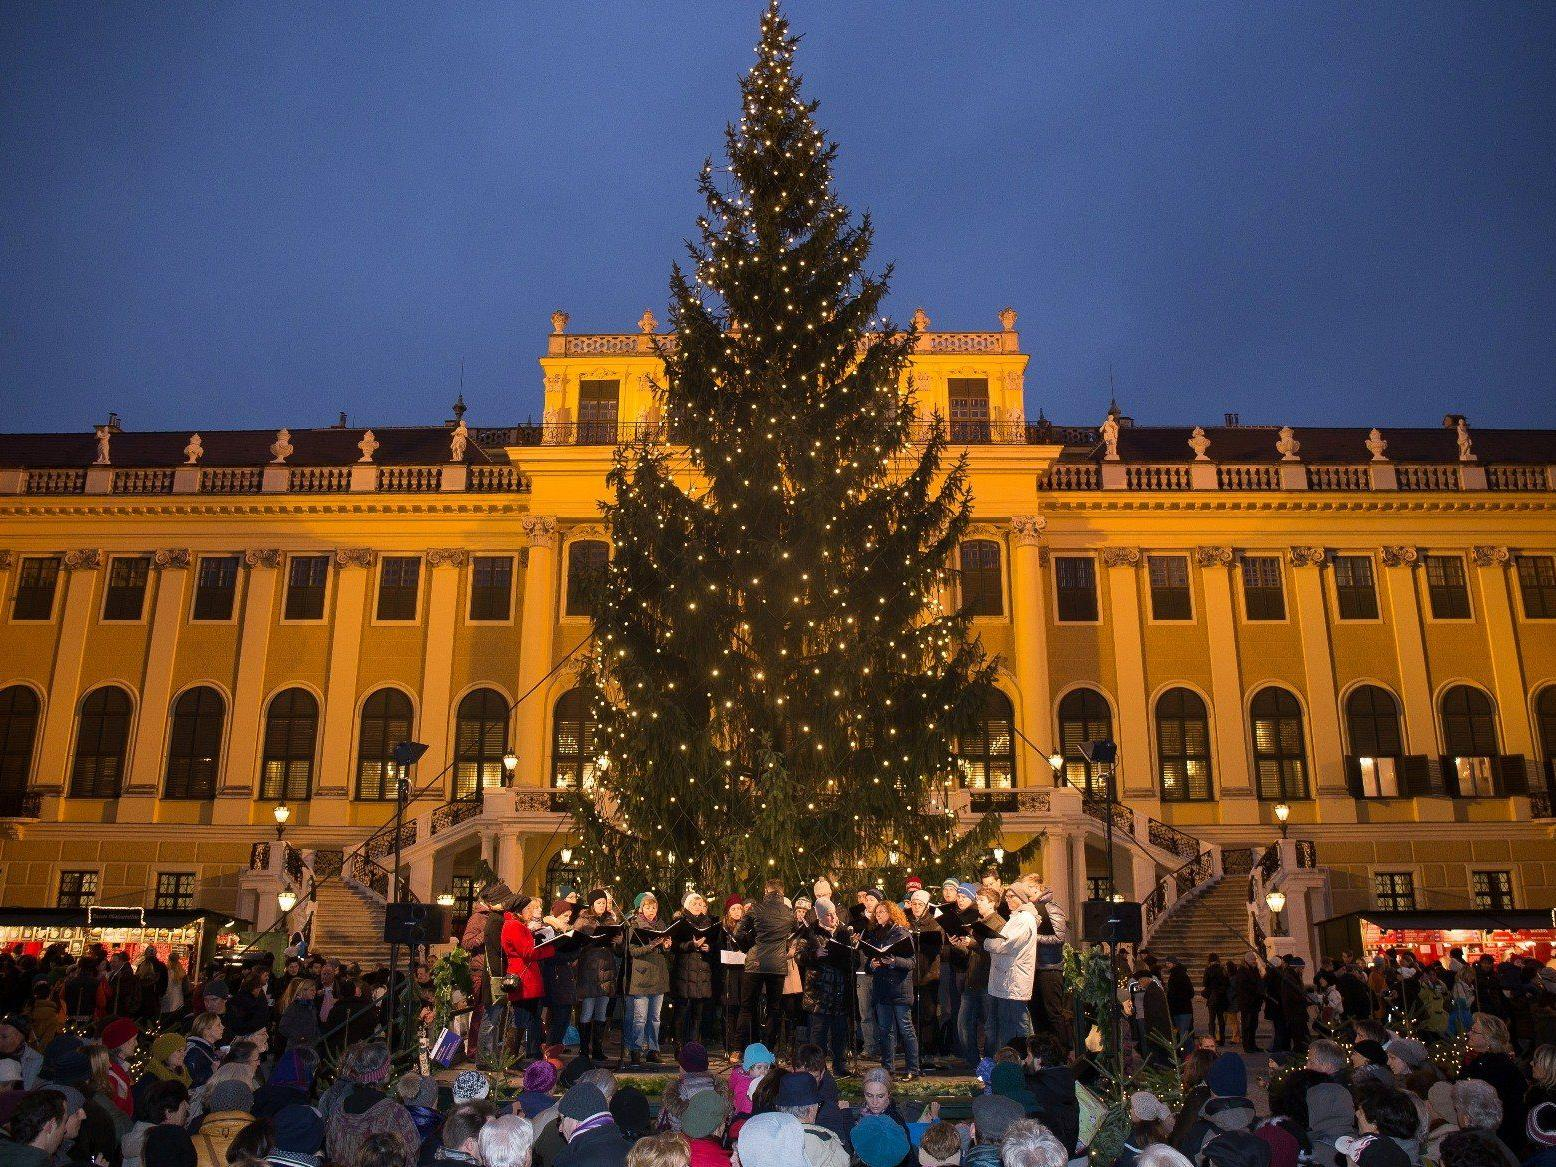 Der traditionelle Weihnachtsmarkt vor dem Schloss Schönbrunn.